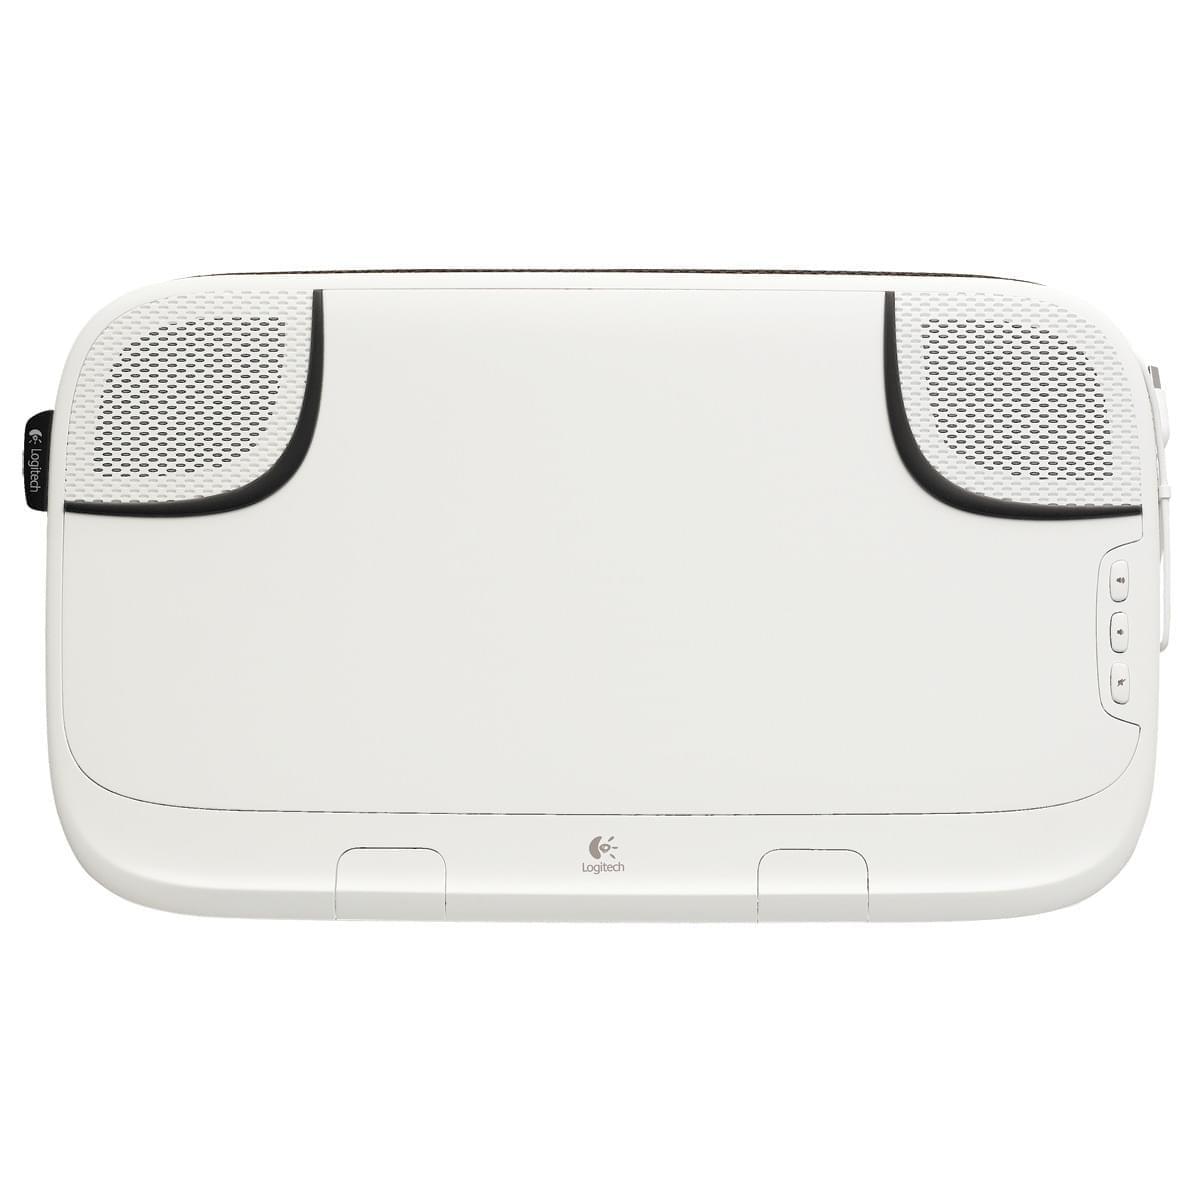 Logitech Speaker Lapdesk N550 (939-000321 soldé) - Achat / Vente Accessoire PC portable sur Cybertek.fr - 0